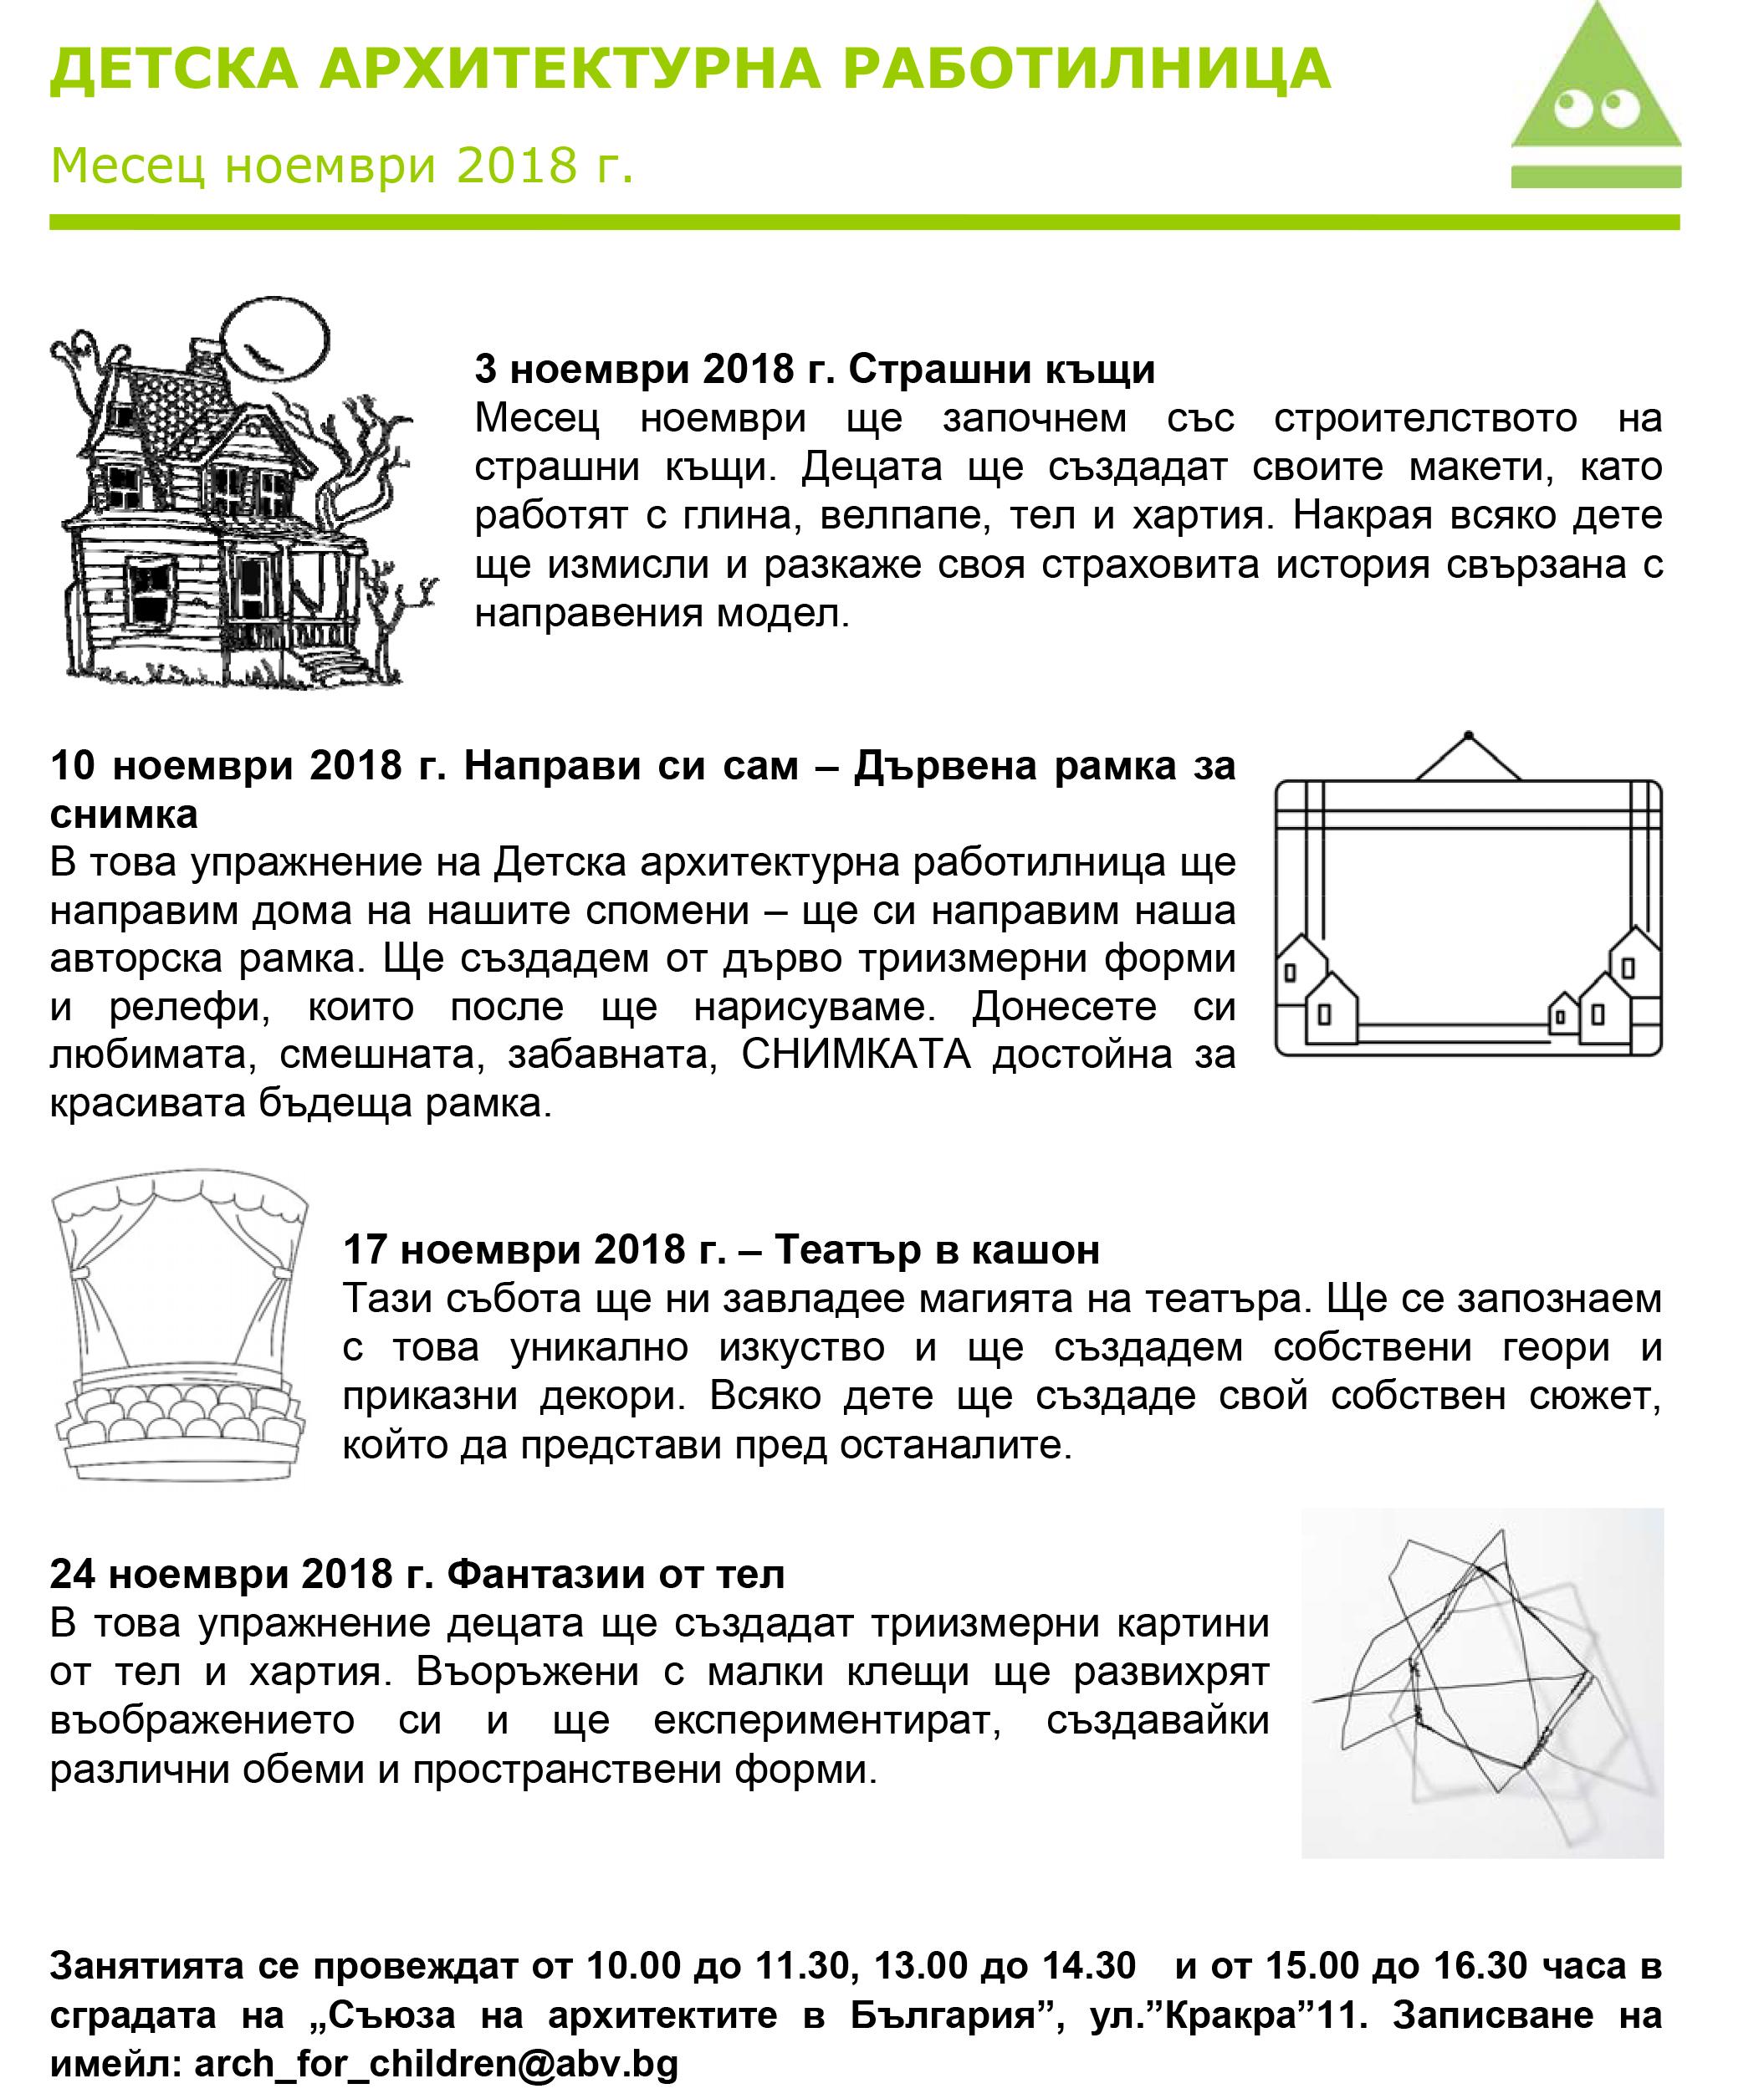 Програмата за месец ноември 2018г.